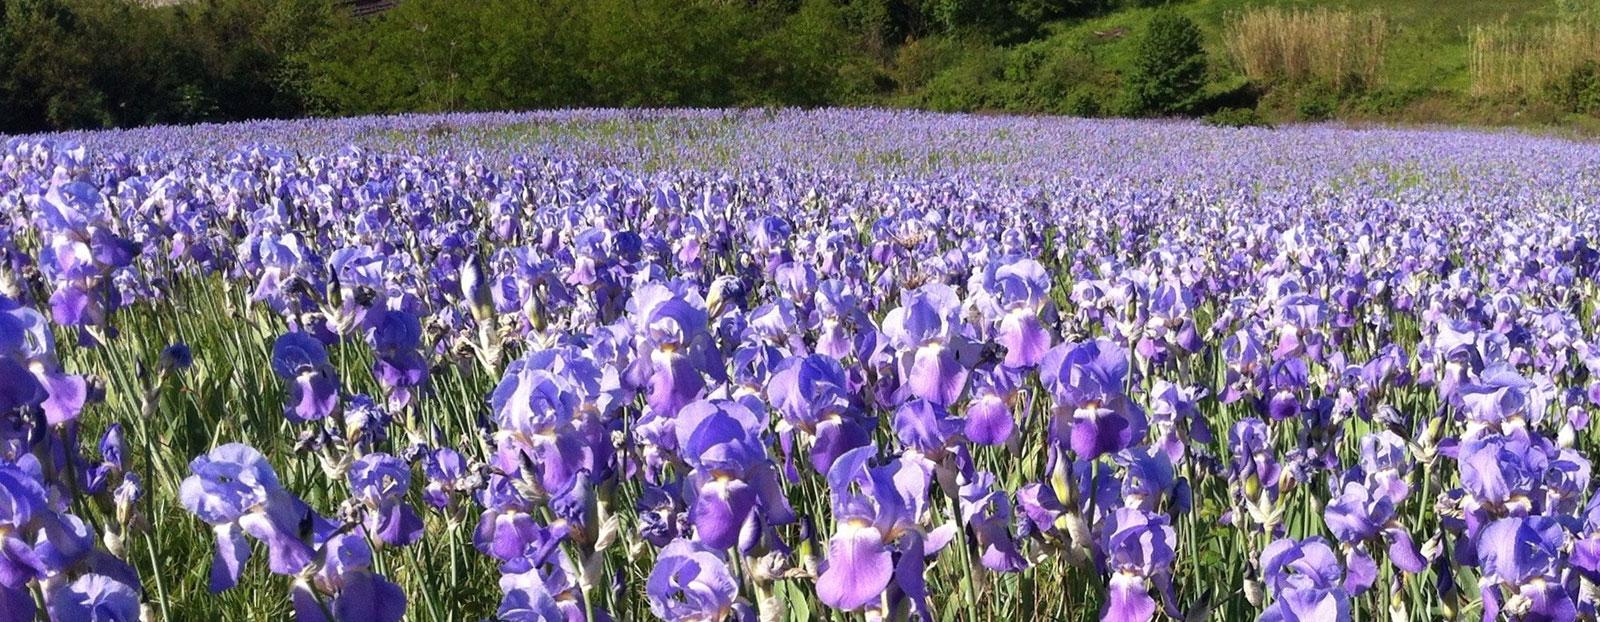 Iris in its natural habitat